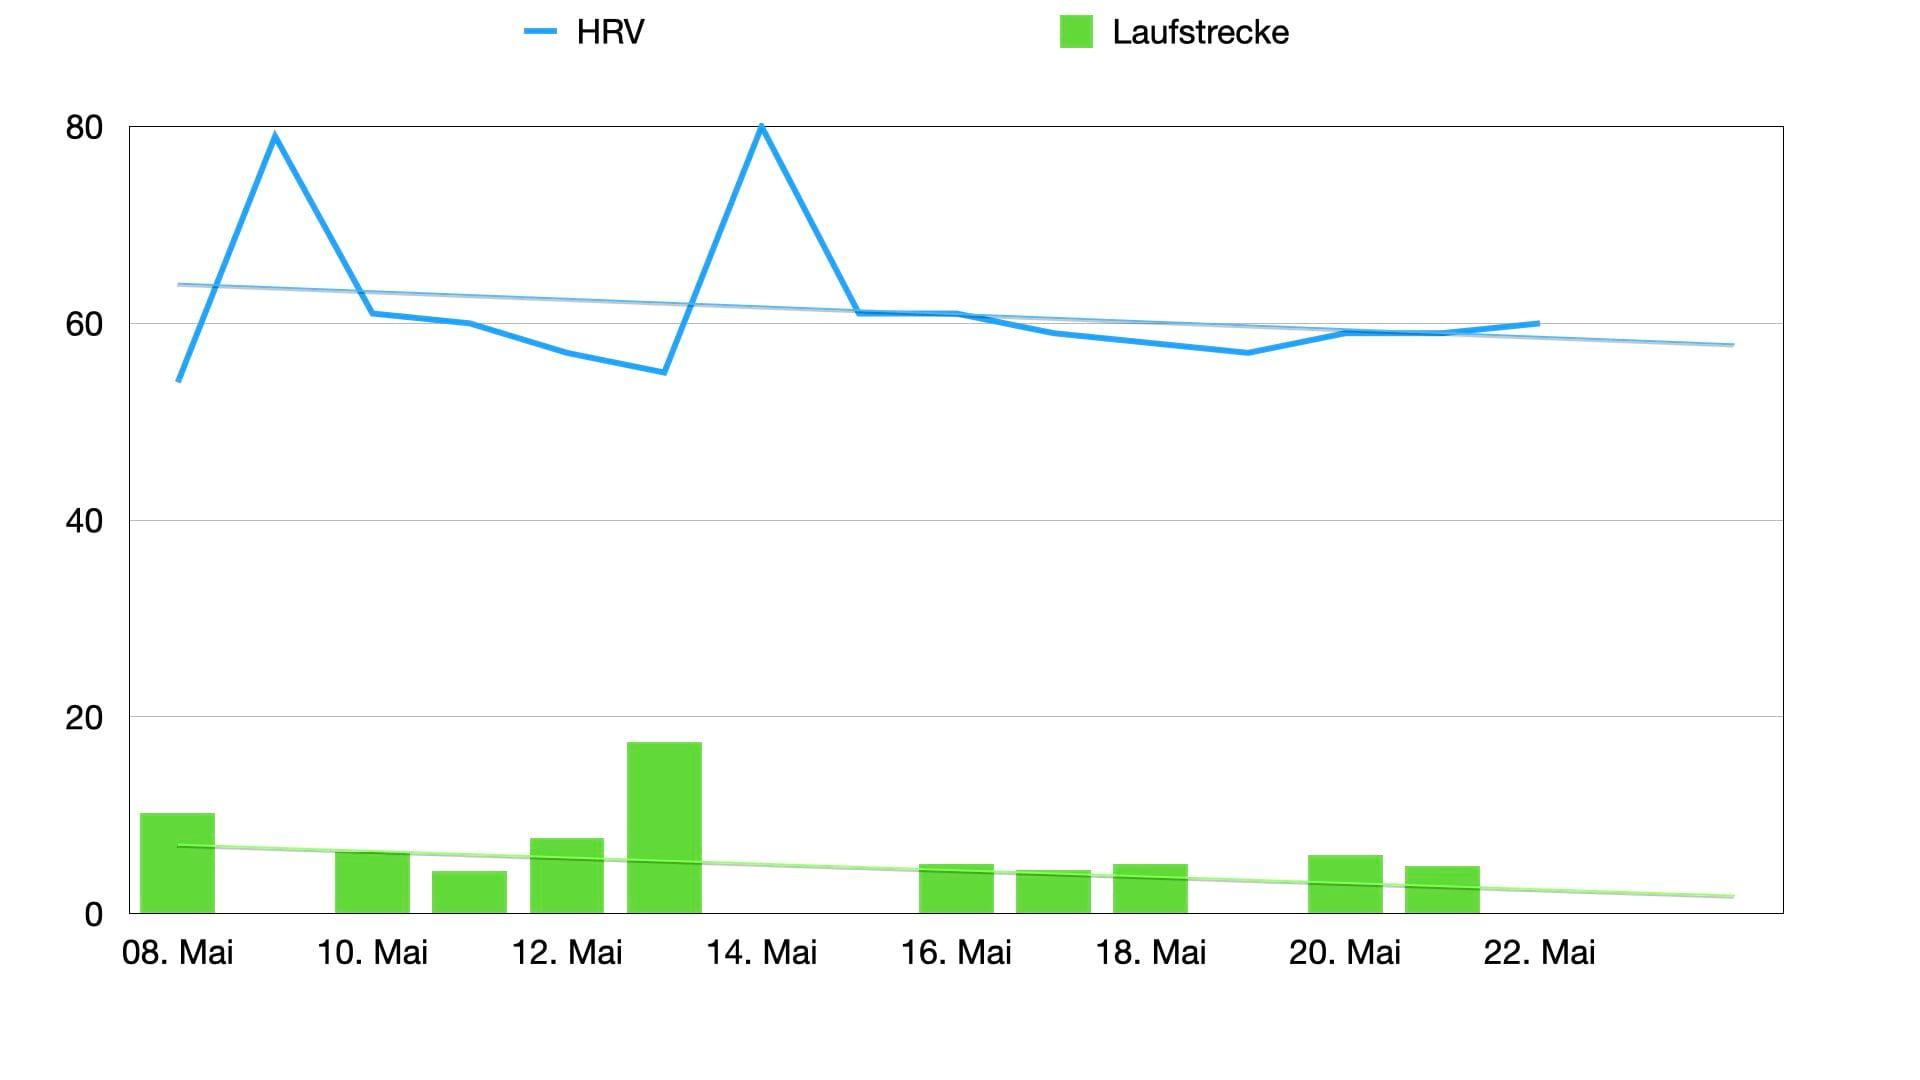 Die HRV anhand von Elite HRV im Vergleich zur Laufleistung pro Tag in Kilometern